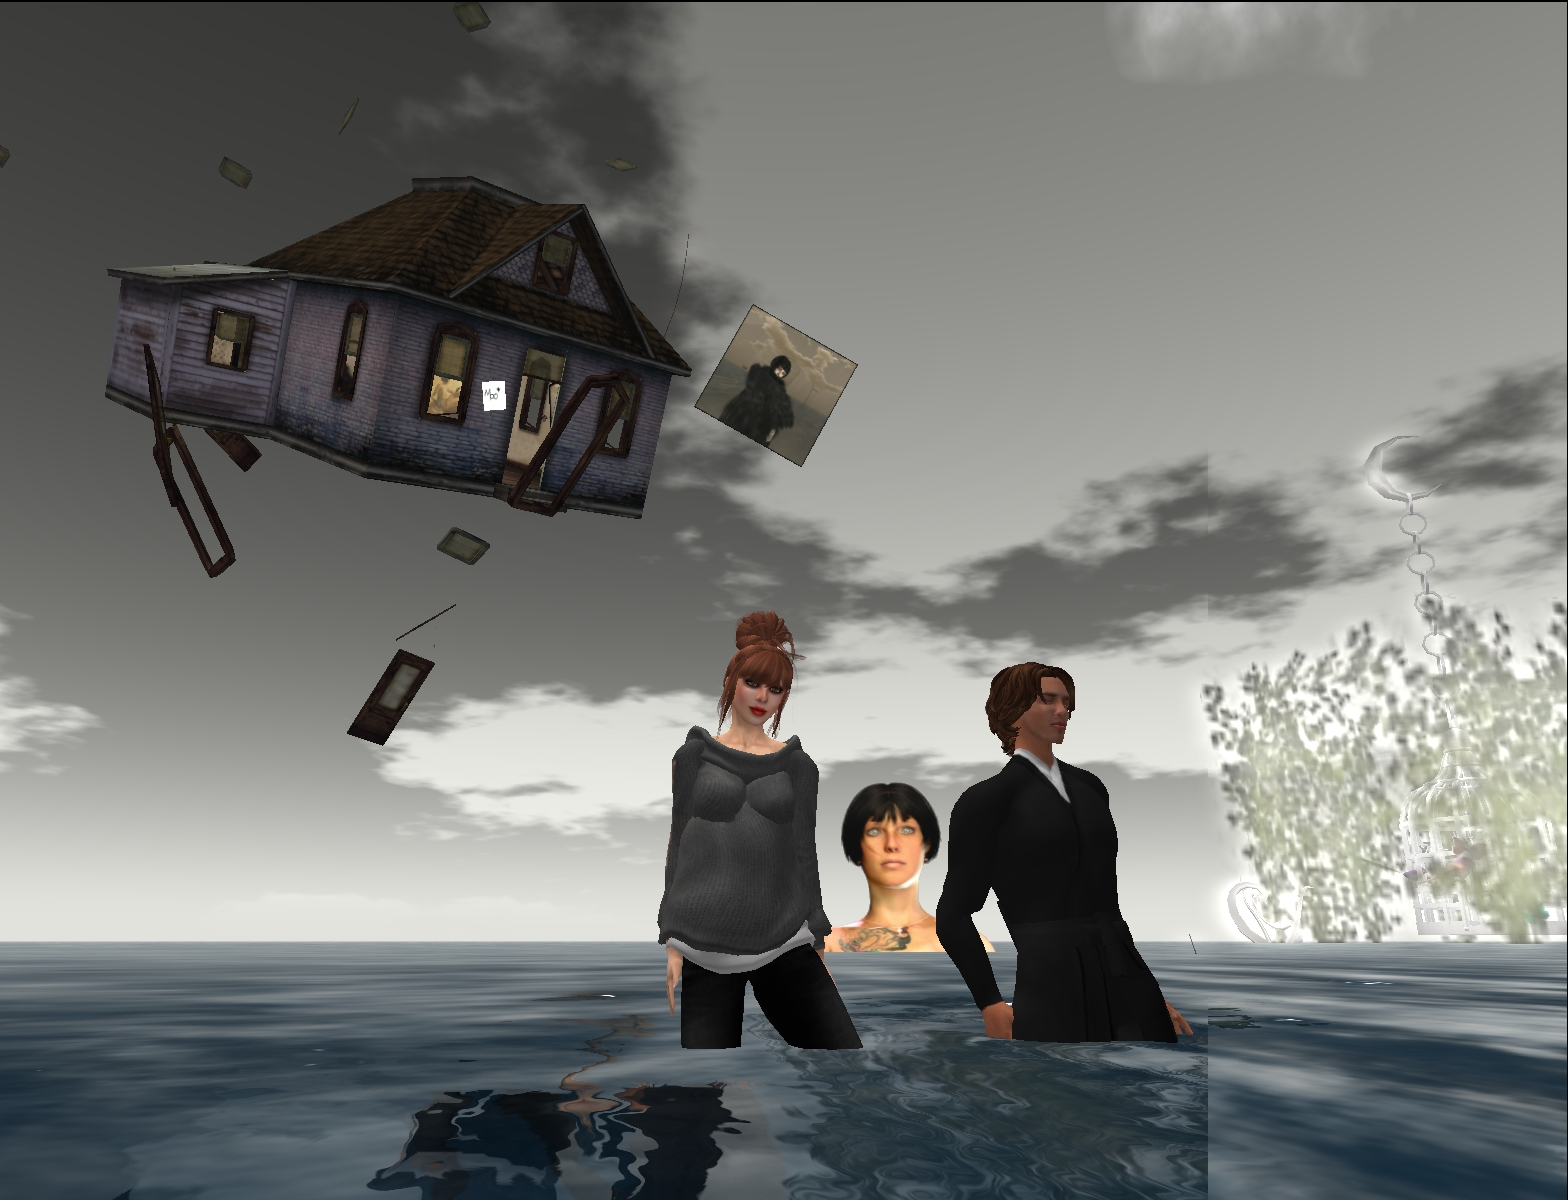 http://1.bp.blogspot.com/_fHcdFXy_4Bo/TMi0GxqotiI/AAAAAAAACwM/-BGlxrKn7IY/s1600/SaliMar+in+the+water+iii_001.jpg